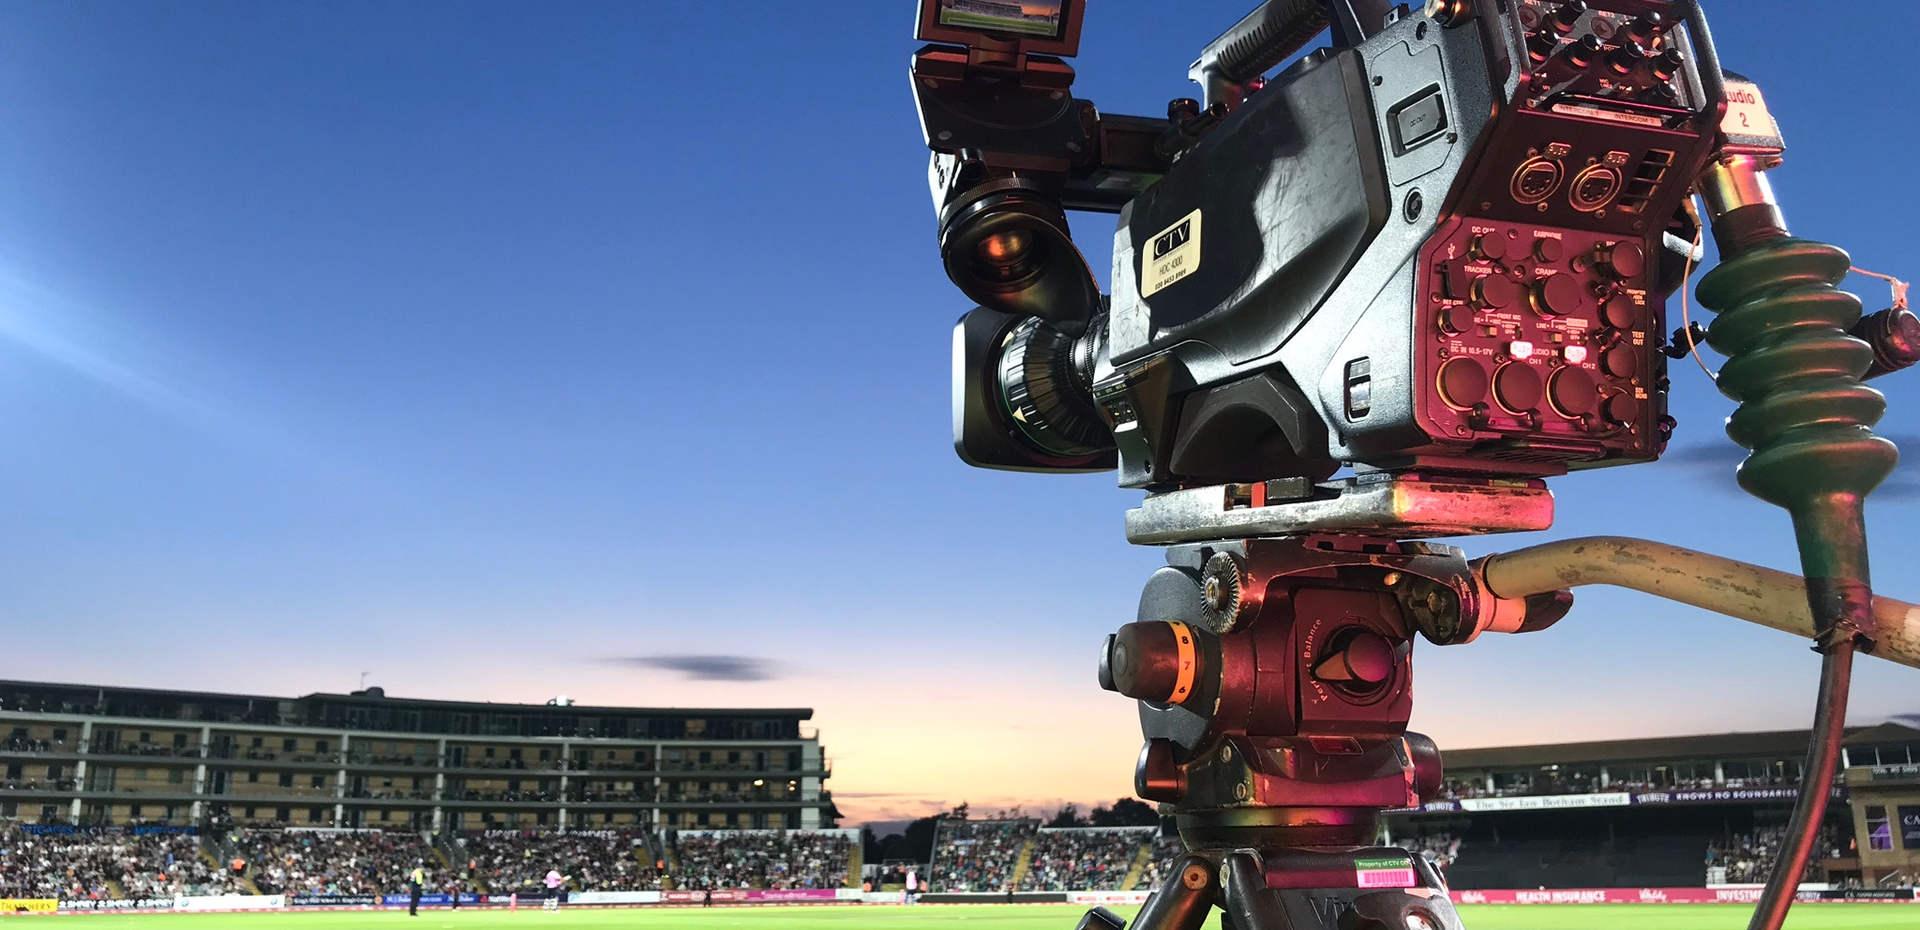 Cricket - T20.JPG